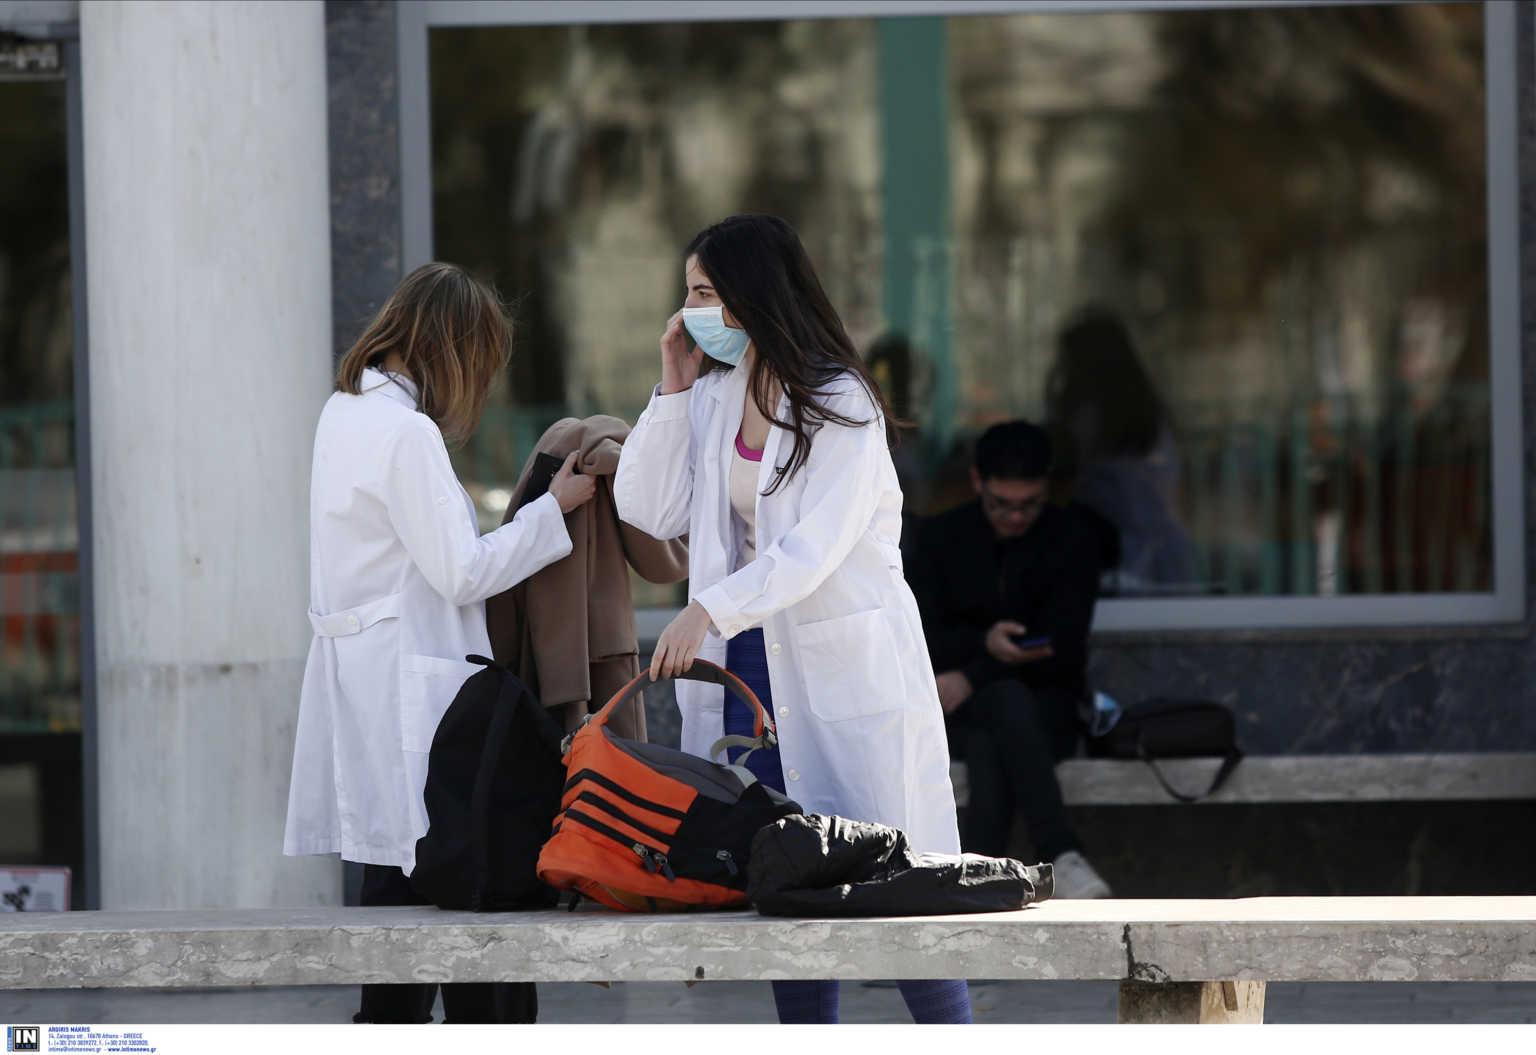 Κορωνοϊός: Στα 464 τα κρούσματα στην Ελλάδα, 46 τα νέα